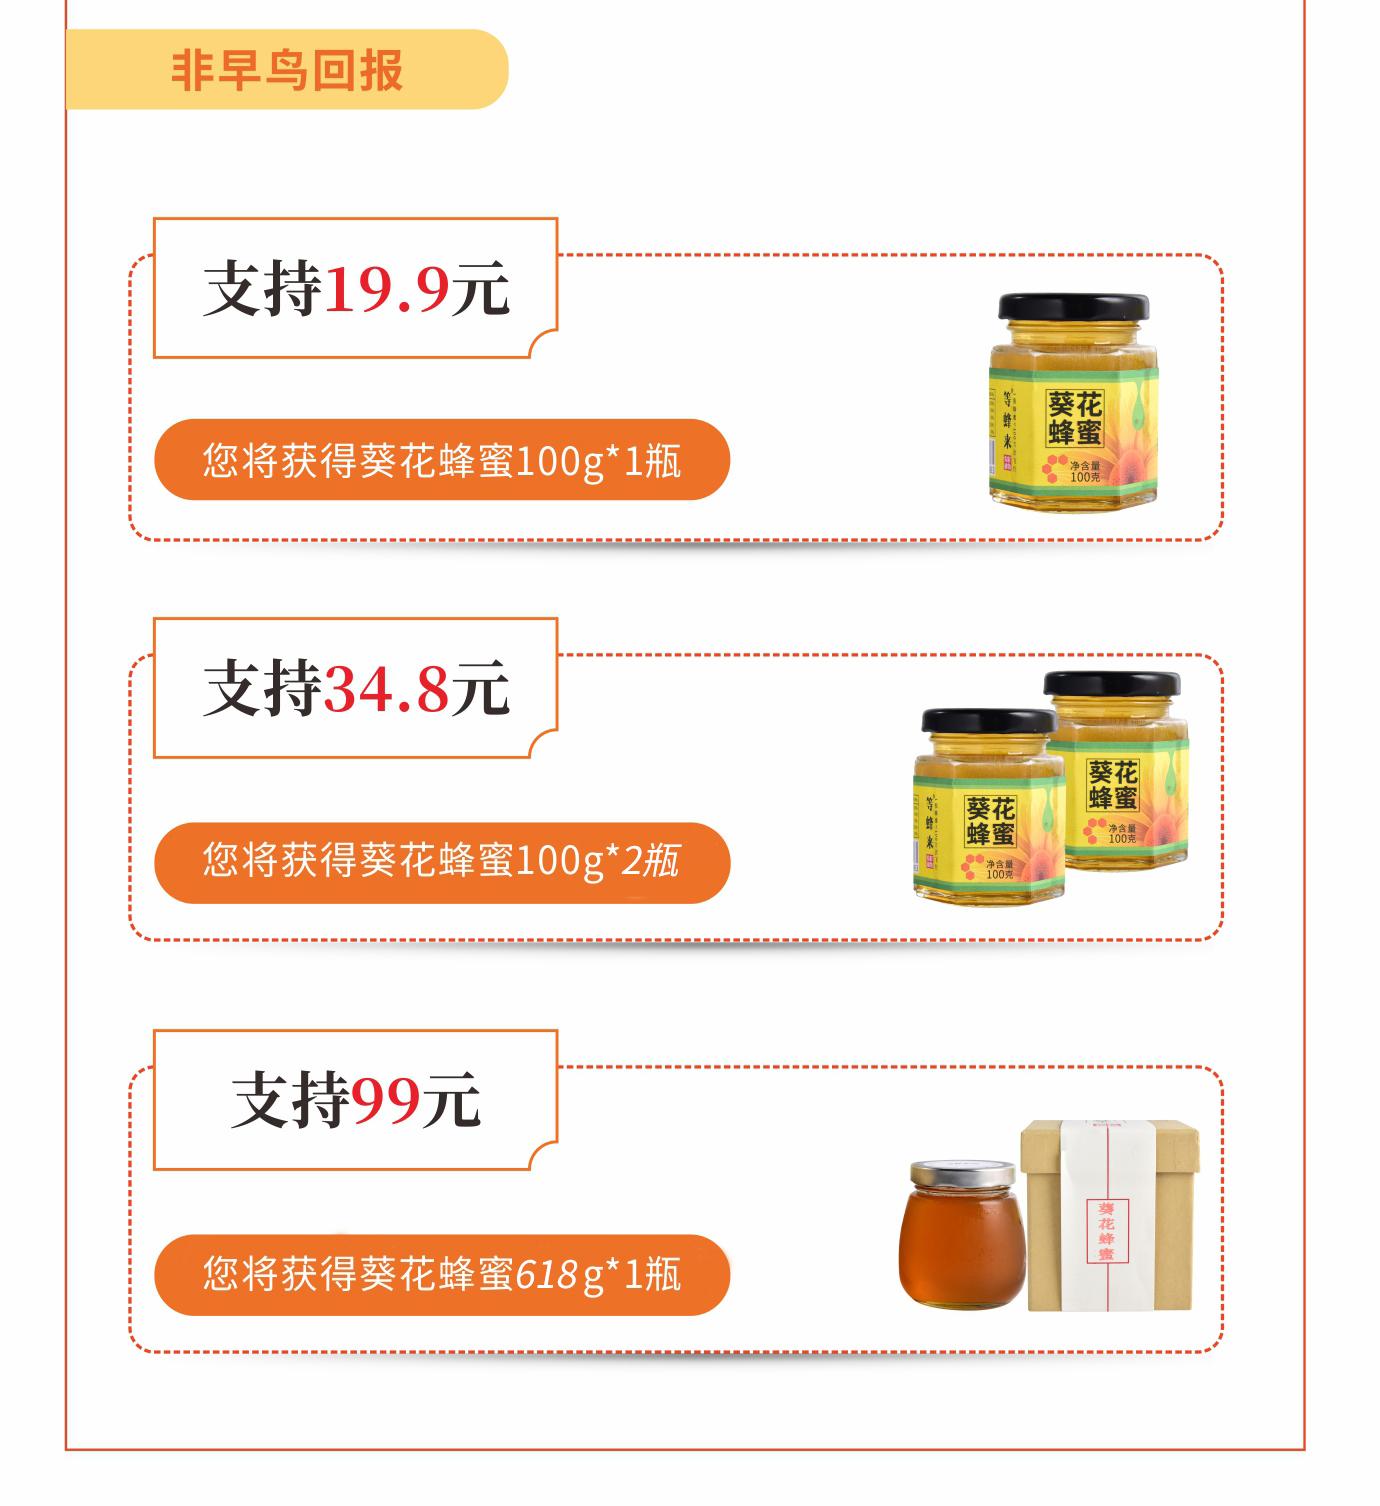 葵花蜂蜜3_21.jpg